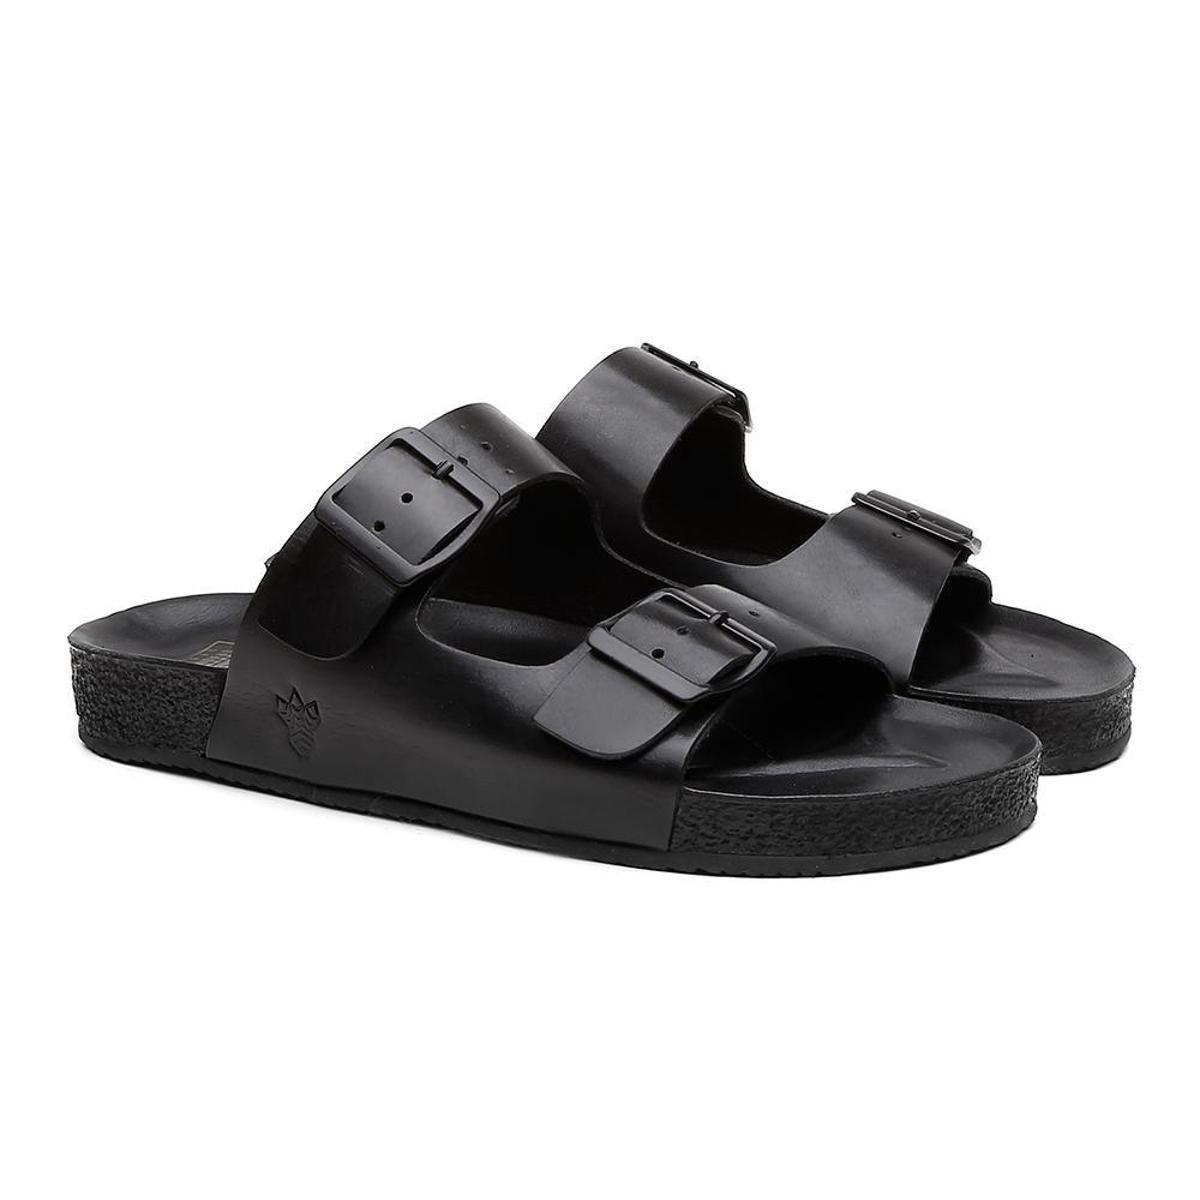 Sandália Birken Masculina Couro Conforto Leve Black Boots - Preto